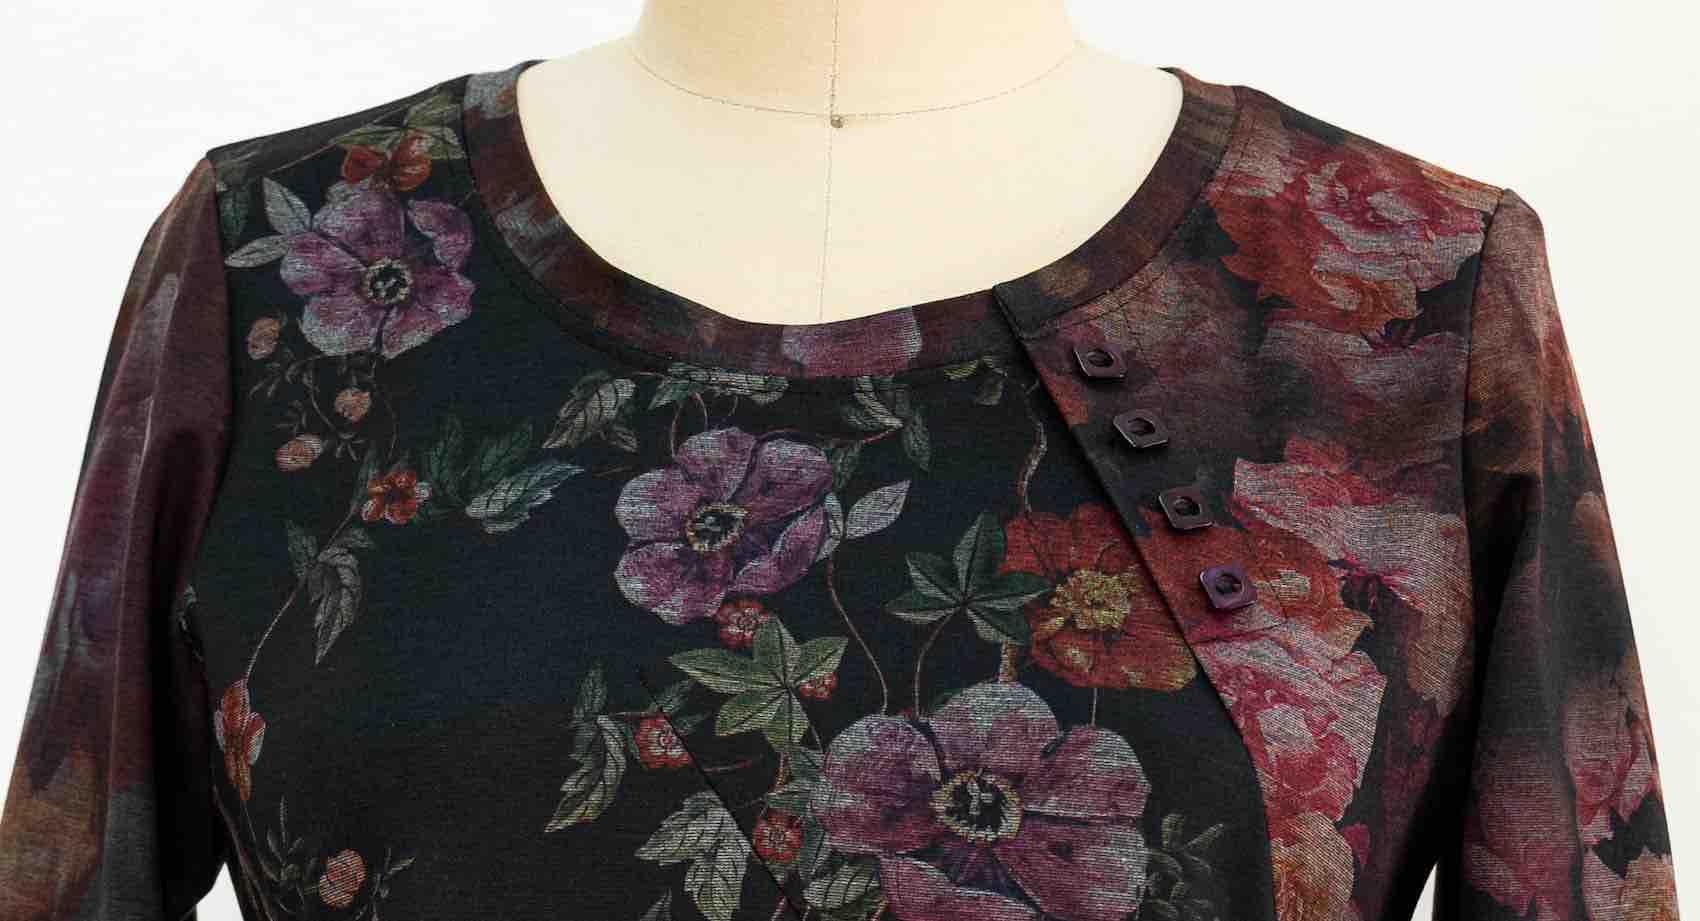 Vogue Patterns fashion designer Marcy Tilton shares sewing tips for making her Spiral Top pattern V1660.